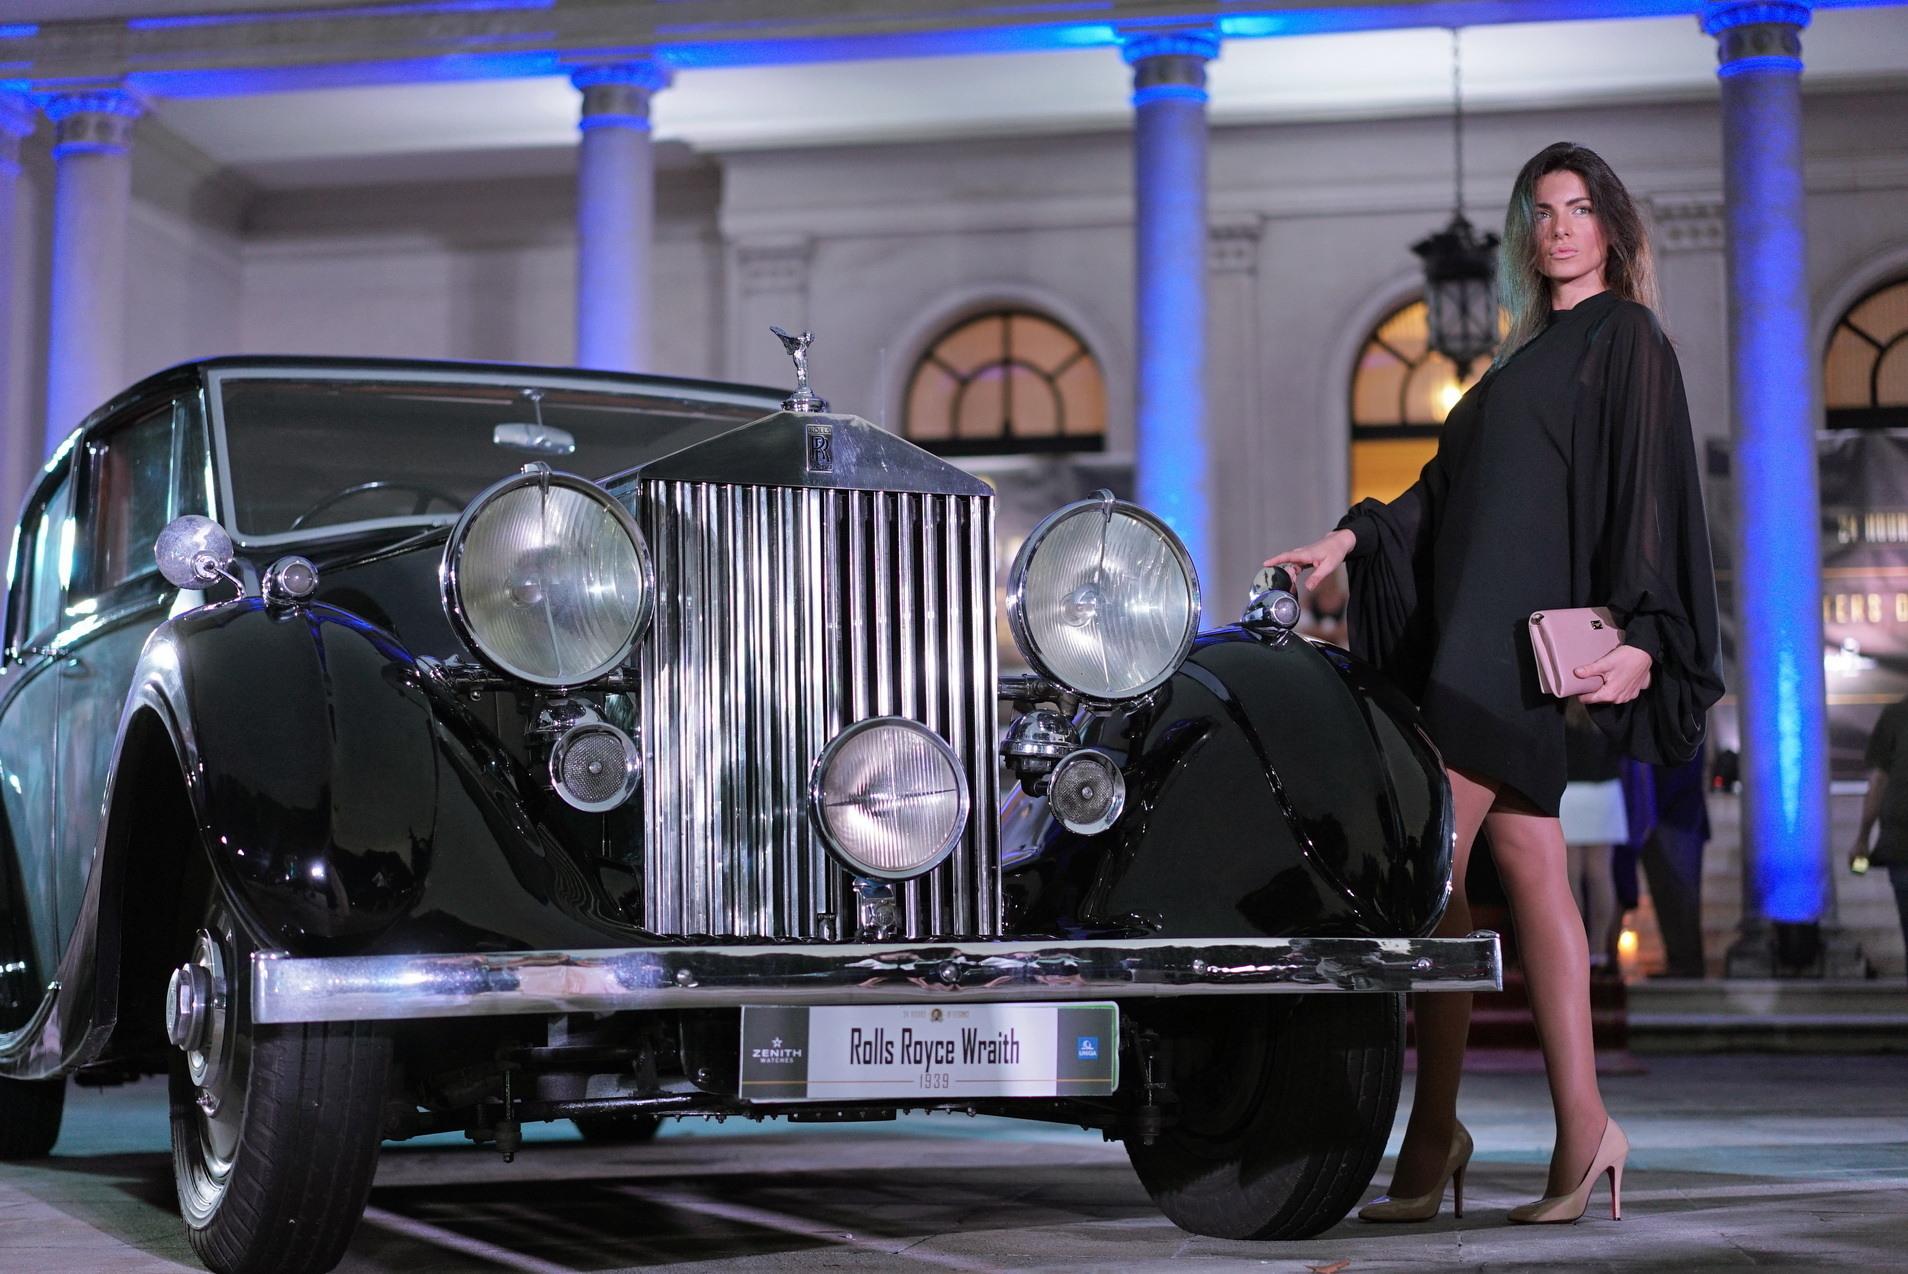 beograd-je-24-sata-bio-centar-svjetskog-luksuza-i-elegancije-2